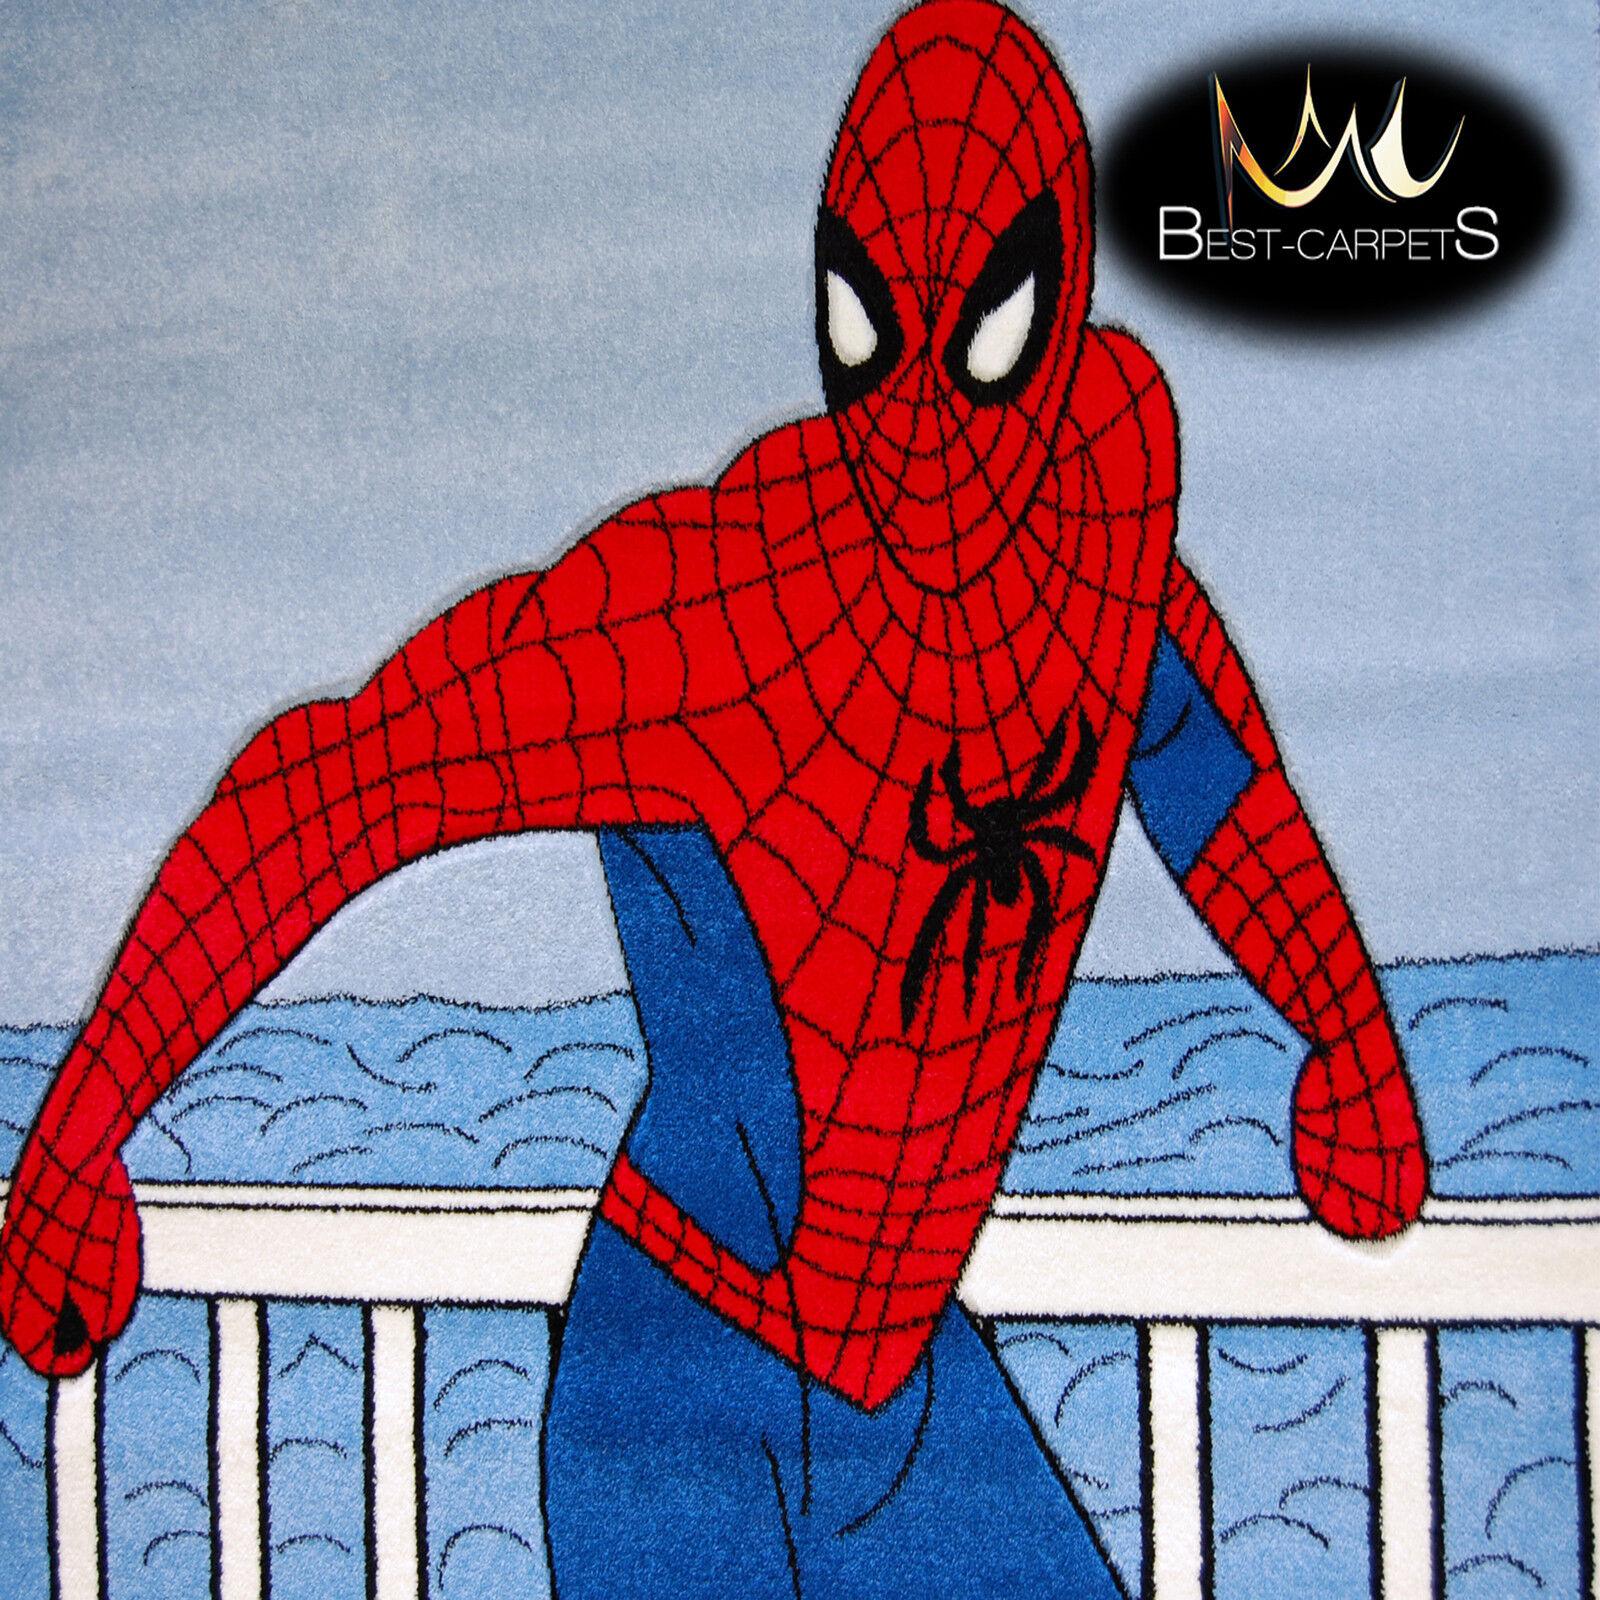 Épais Tapis 'Joyeux' pour les Enfants X Spiderman Extra X Enfants Large 351147